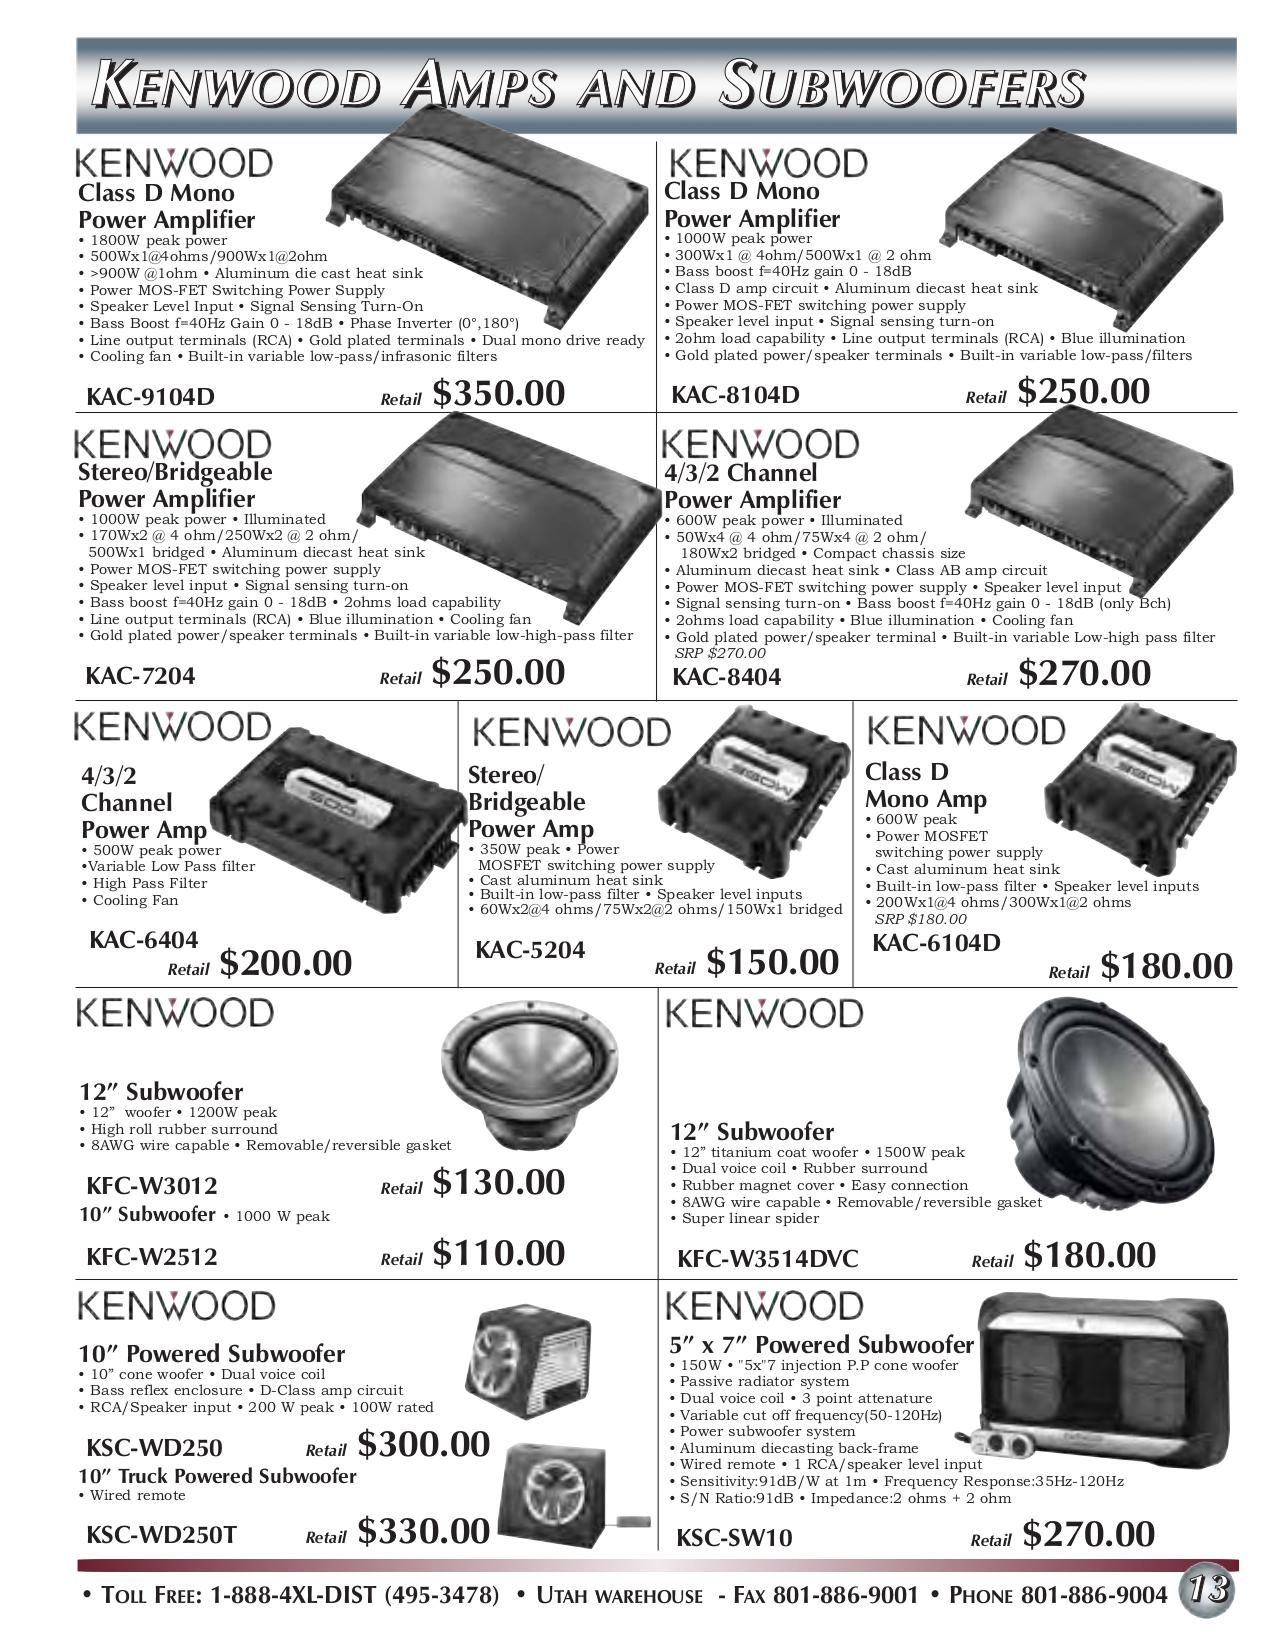 Download free pdf for Kenwood KAC-625 Amp manual on